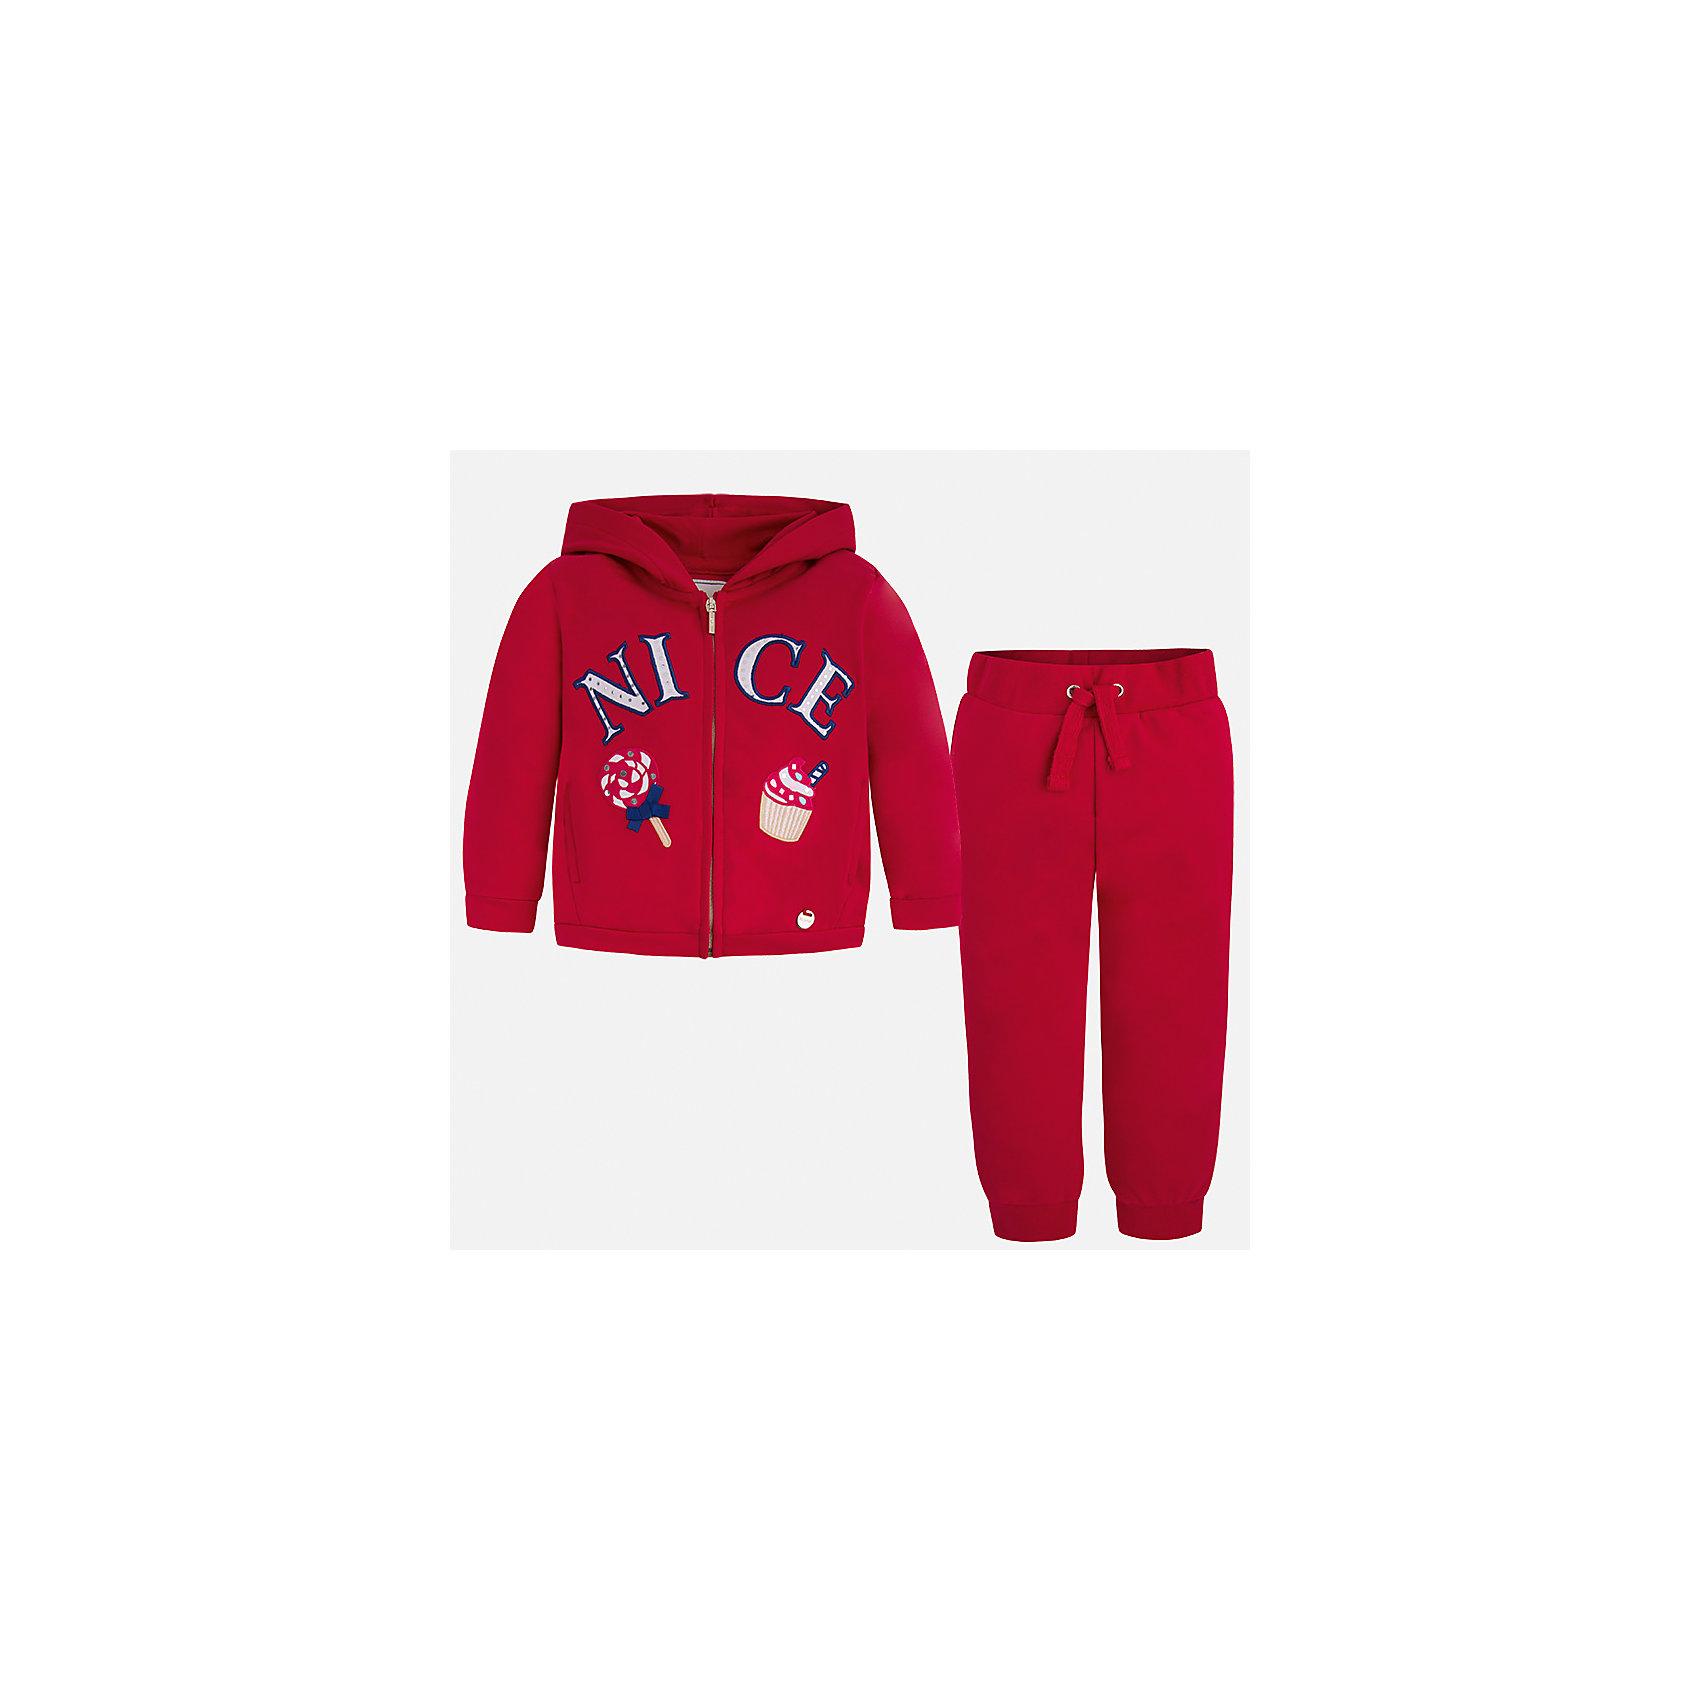 Спортивный костюм для девочки MayoralКомплекты<br>Характеристики товара:<br><br>• цвет: красный<br>• состав: 58% хлопок, 39% полиэстер, 3% эластан<br>• комплектация: курточка, штаны<br>• куртка декорирована принтом<br>• карманы<br>• капюшон<br>• штаны однотонные<br>• пояс на шнурке<br>• манжеты<br>• страна бренда: Испания<br><br>Стильный качественный спортивный костюм для девочки поможет разнообразить гардероб ребенка и удобно одеться в теплую погоду. Курточка и штаны отлично сочетаются с другими предметами. Универсальный цвет позволяет подобрать к вещам верхнюю одежду практически любой расцветки. Интересная отделка модели делает её нарядной и оригинальной. В составе материала - натуральный хлопок, гипоаллергенный, приятный на ощупь, дышащий.<br><br>Одежда, обувь и аксессуары от испанского бренда Mayoral полюбились детям и взрослым по всему миру. Модели этой марки - стильные и удобные. Для их производства используются только безопасные, качественные материалы и фурнитура. Порадуйте ребенка модными и красивыми вещами от Mayoral! <br><br>Спортивный костюм для девочки от испанского бренда Mayoral (Майорал) можно купить в нашем интернет-магазине.<br><br>Ширина мм: 247<br>Глубина мм: 16<br>Высота мм: 140<br>Вес г: 225<br>Цвет: красный<br>Возраст от месяцев: 18<br>Возраст до месяцев: 24<br>Пол: Женский<br>Возраст: Детский<br>Размер: 92,134,98,104,110,116,122,128<br>SKU: 5290851